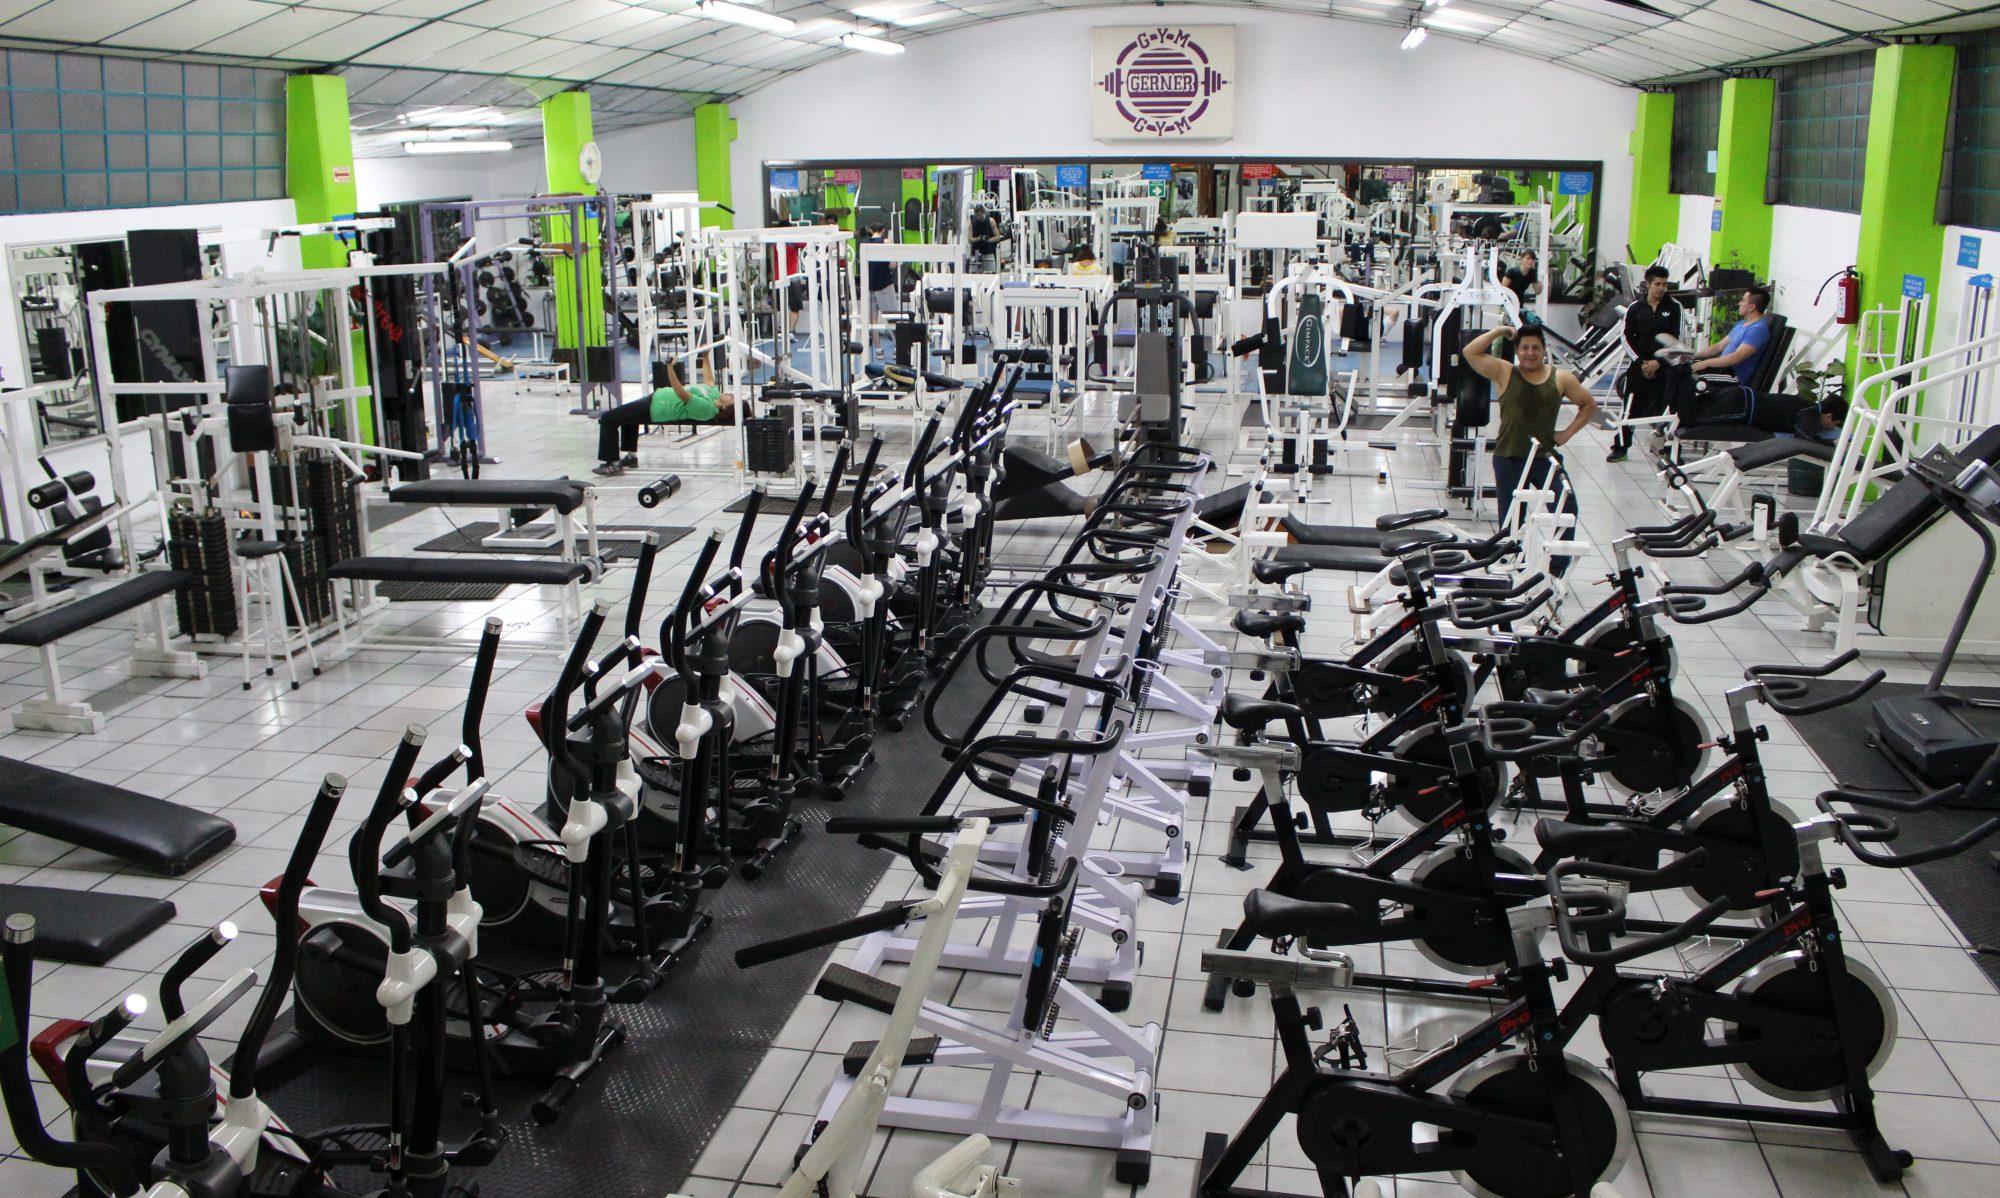 Gerner Gym